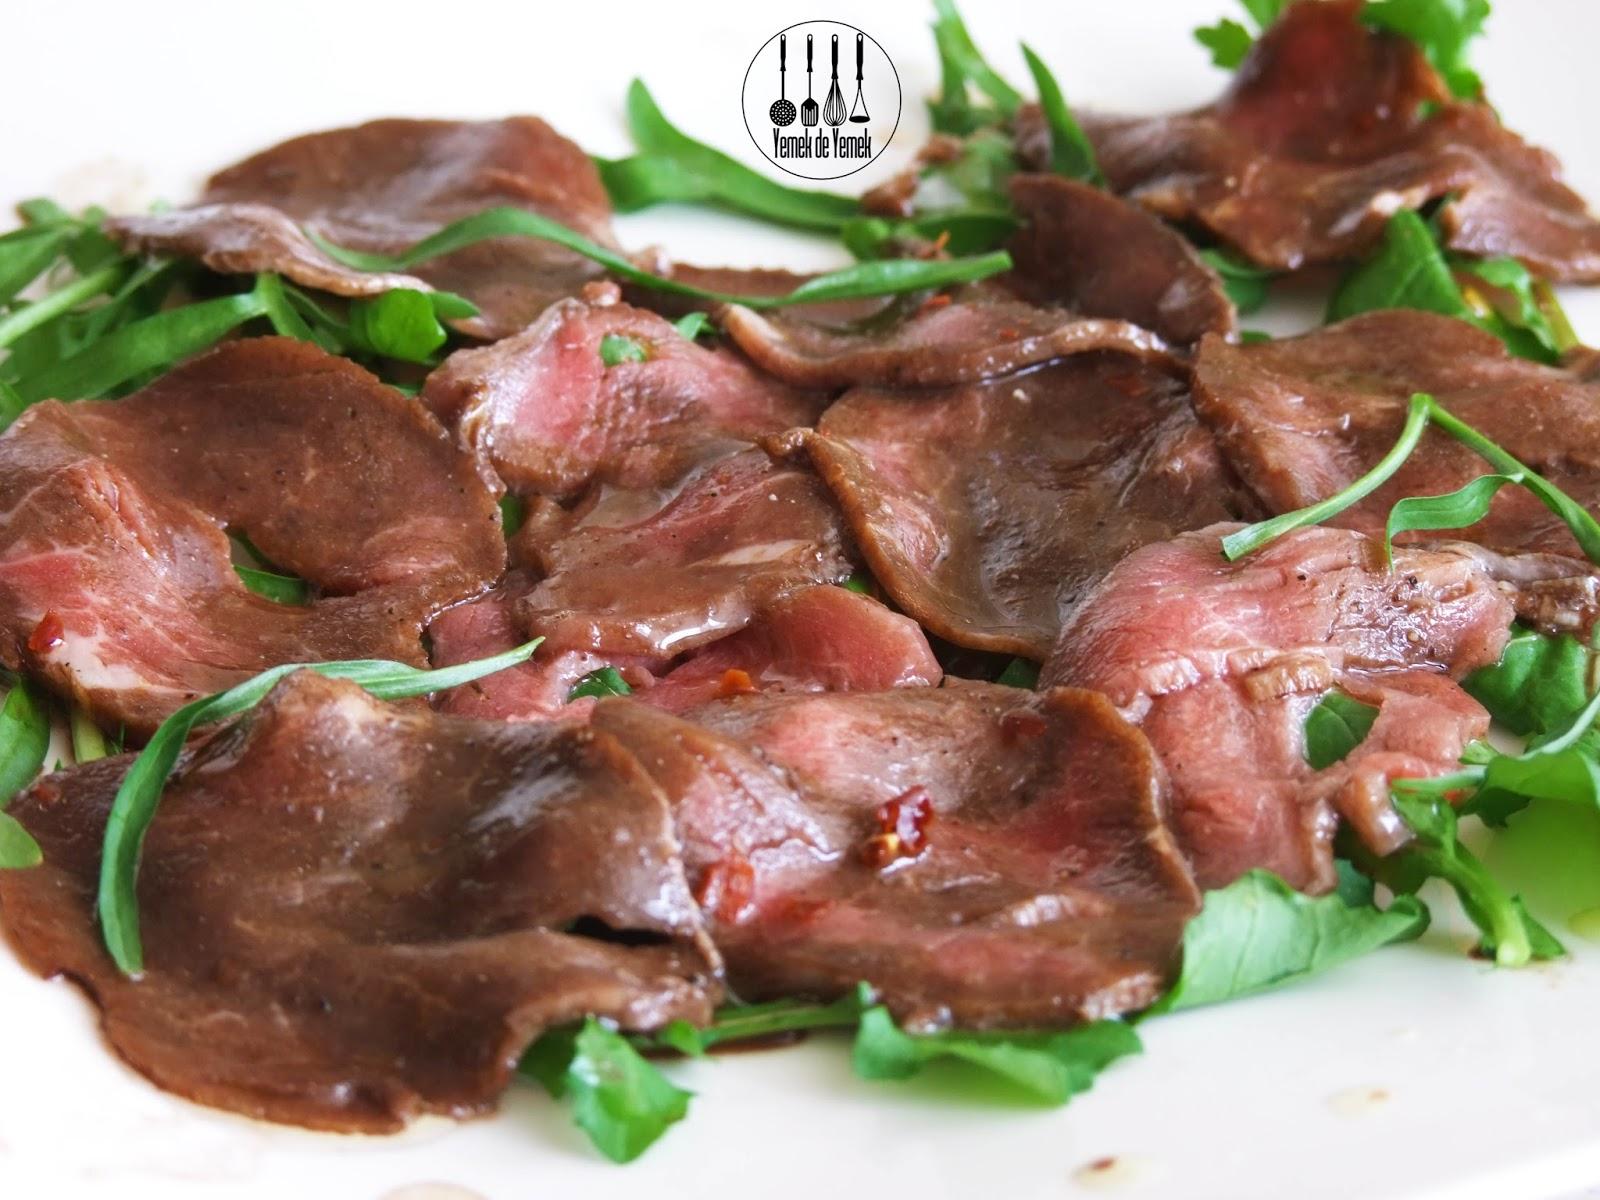 Sığır eti ile ne pişirilir